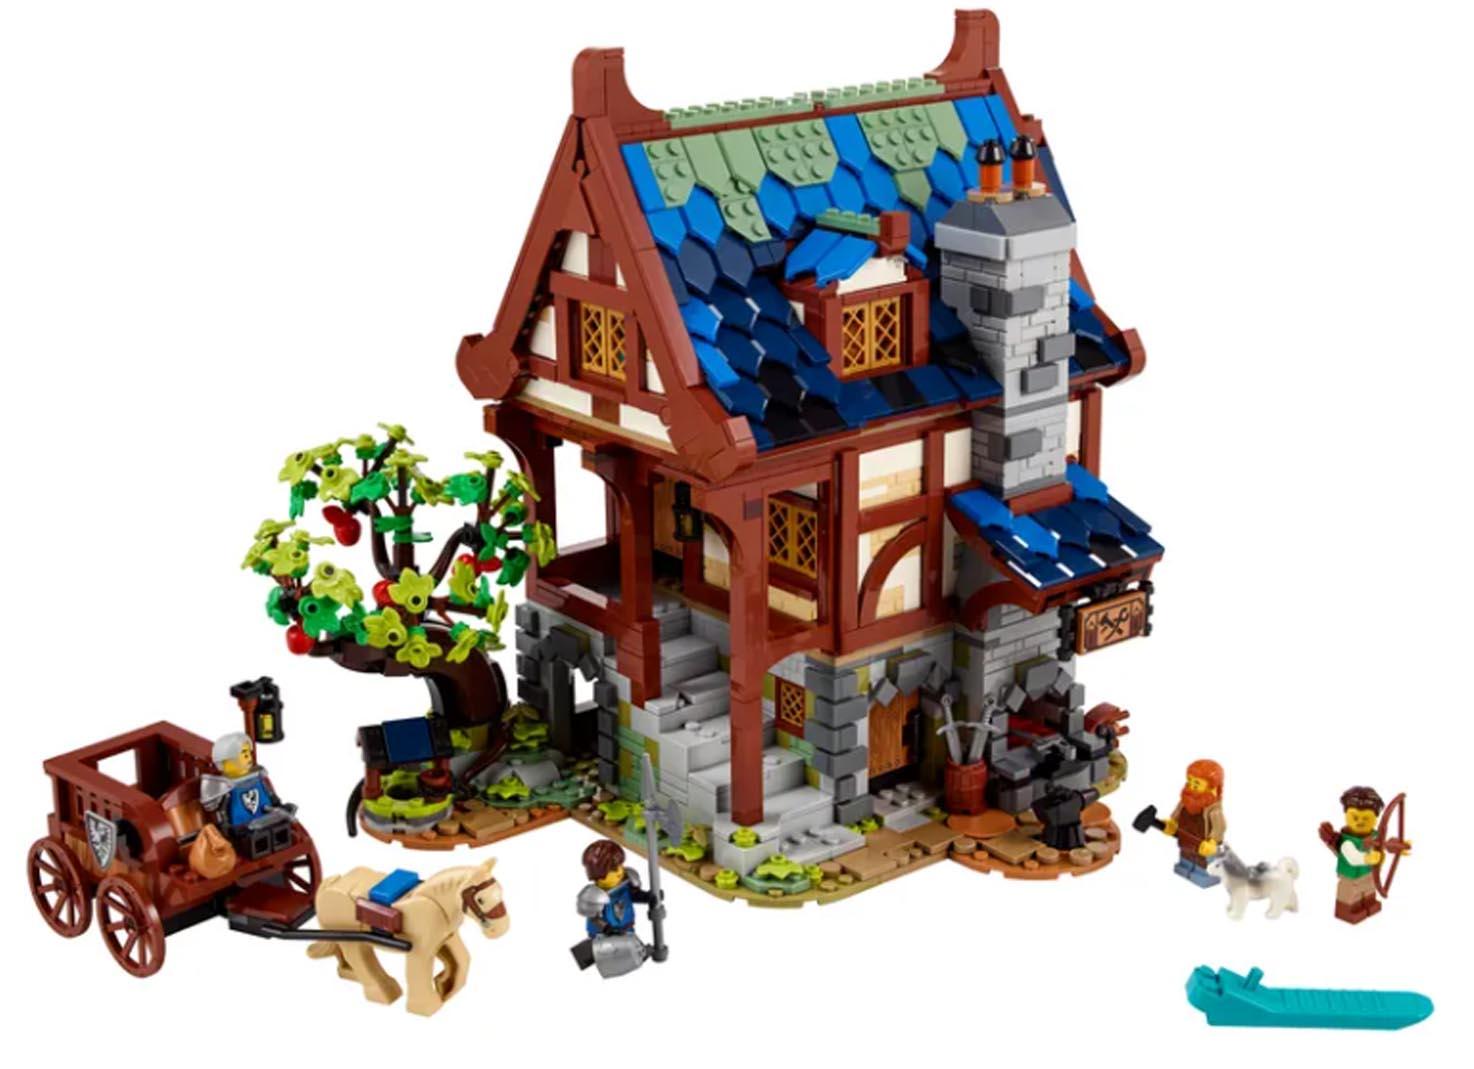 LEGO Mittelalterliche Schmiede